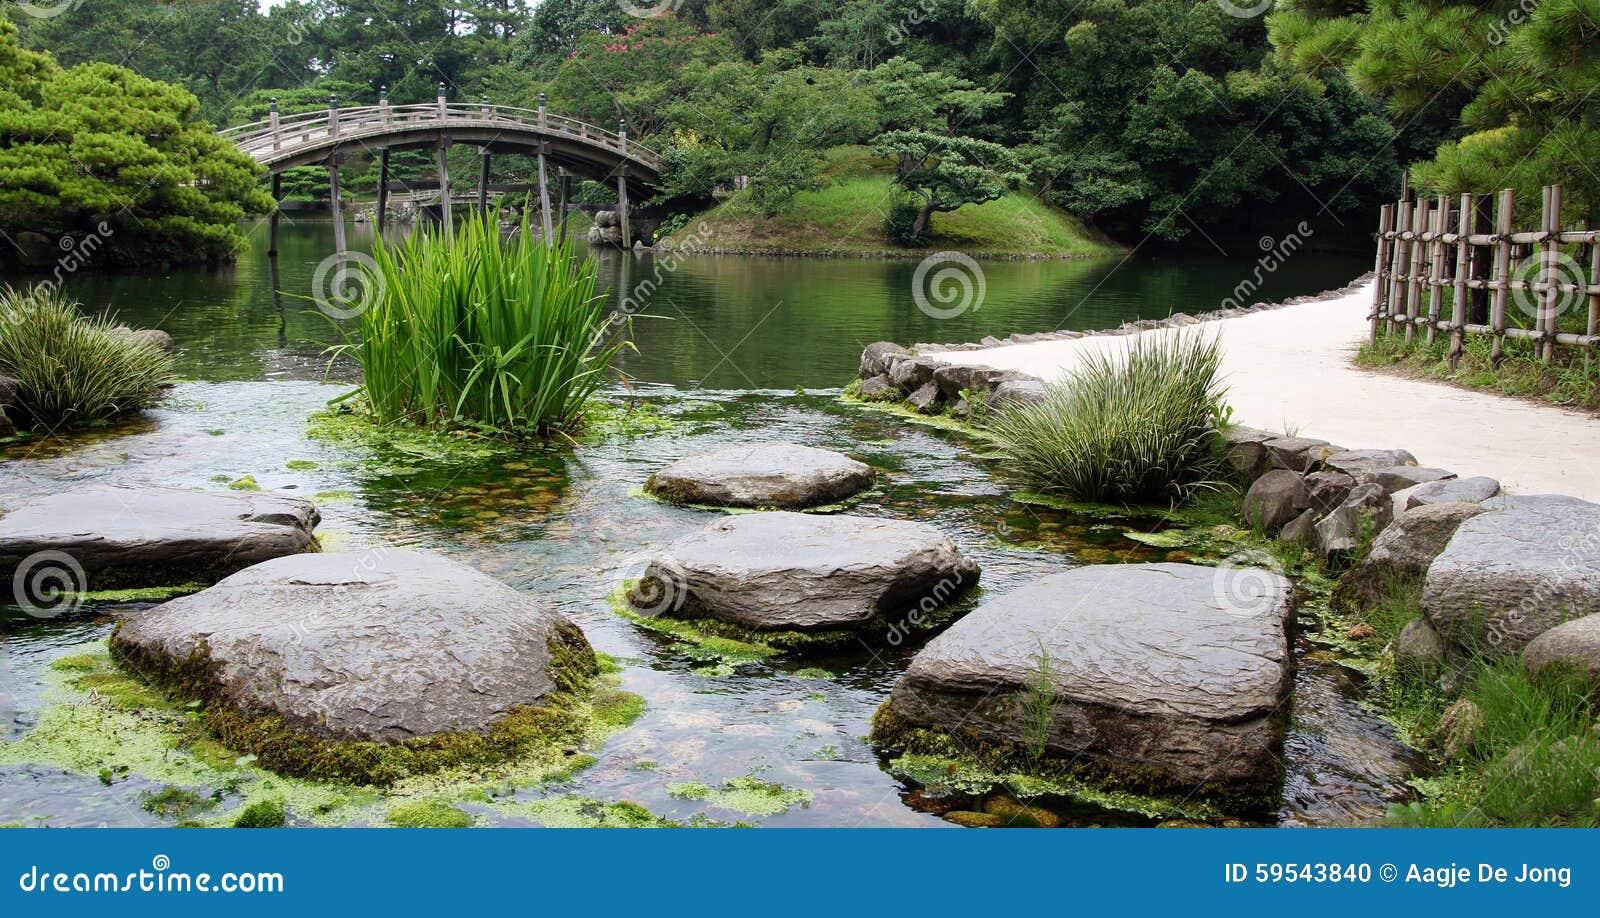 steine im teich von ritsurin koen garden takamatsu japan. Black Bedroom Furniture Sets. Home Design Ideas